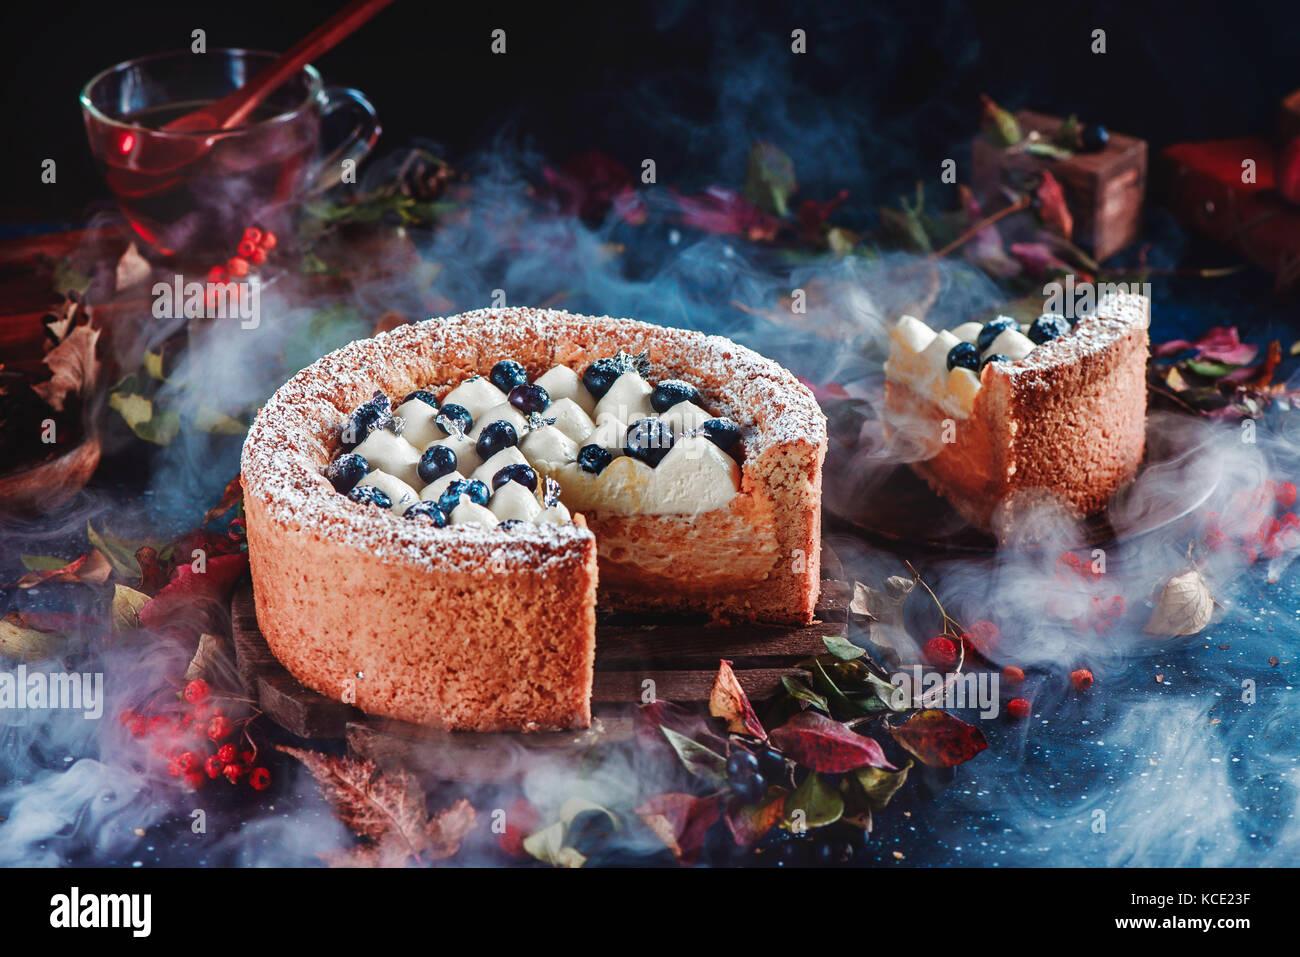 Couper le gâteau avec une croûte de sablé sur un fond sombre. un morceau de gâteau avec de la Photo Stock